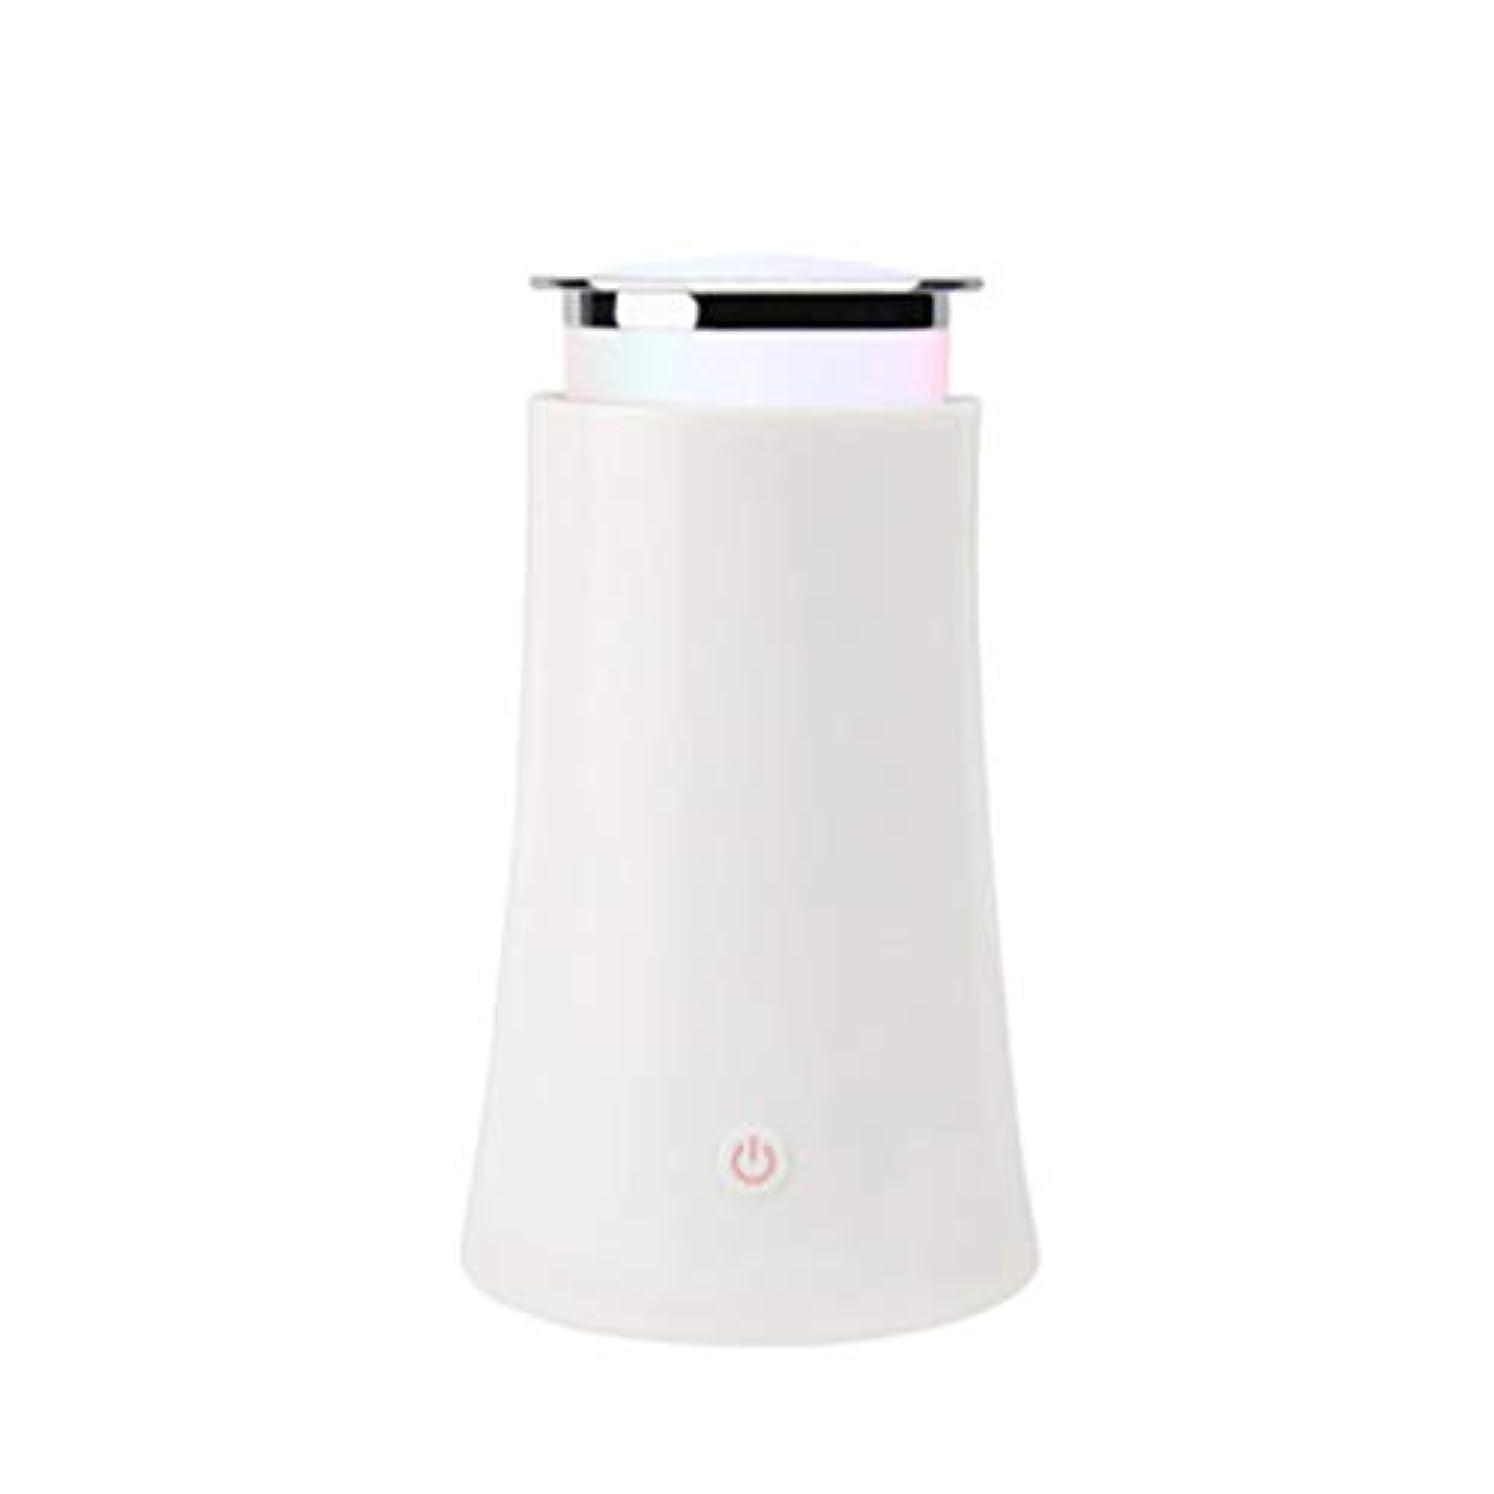 解体する行維持サイレントカラースプレー機超音波加湿器プラグイン加湿器香機世帯 (Color : White)